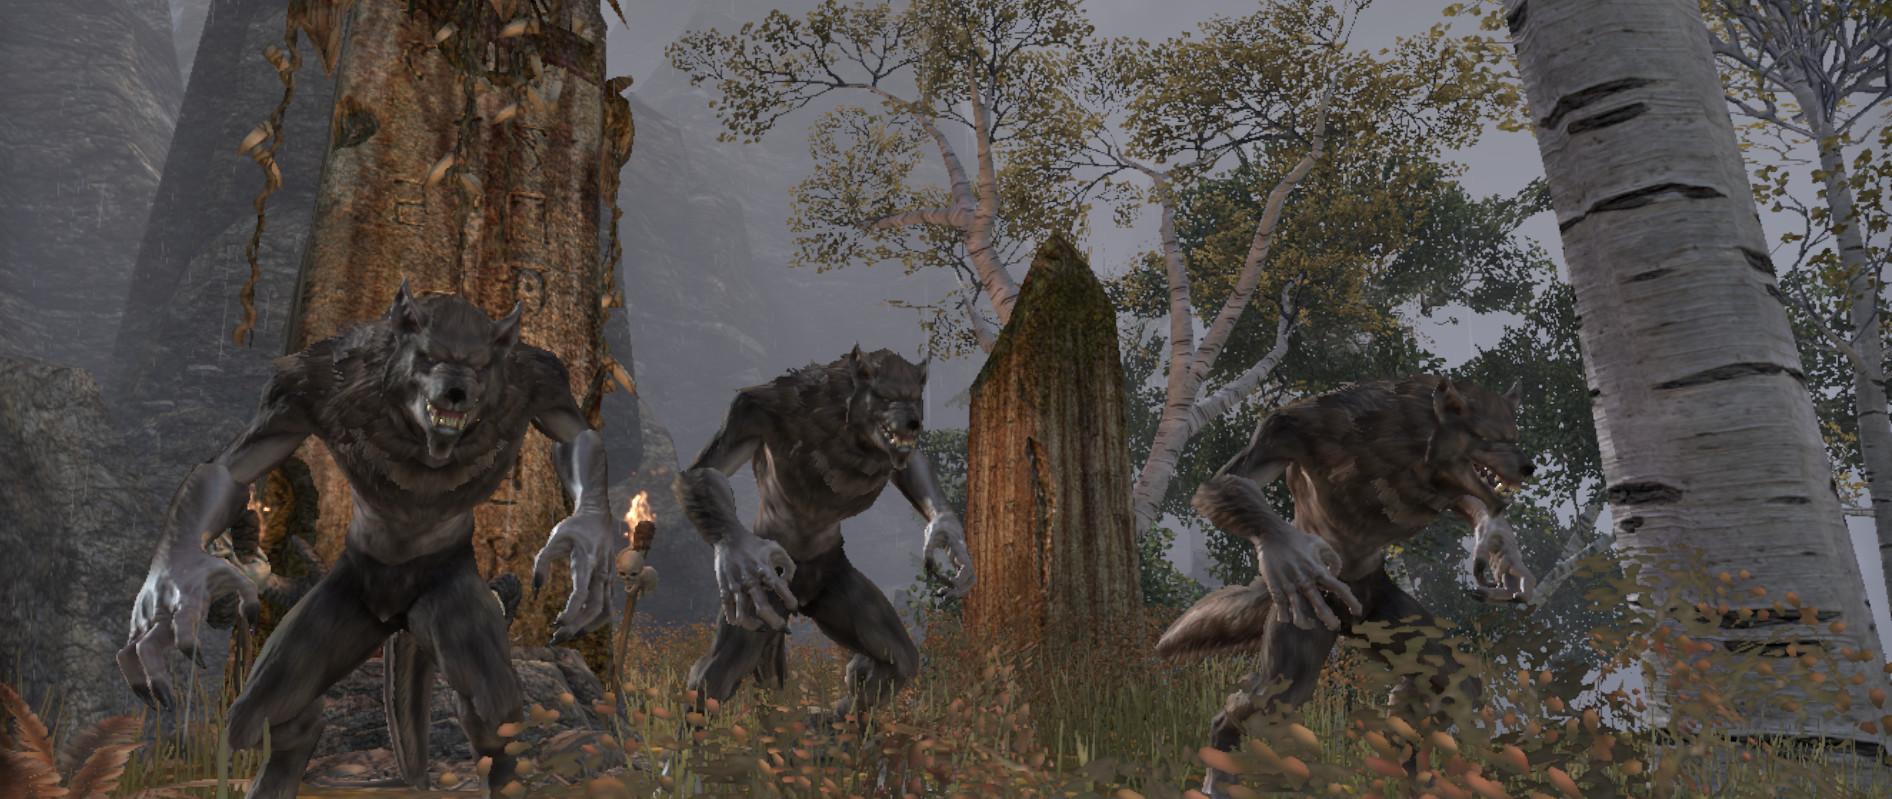 Elder scrolls online werewolf leveling